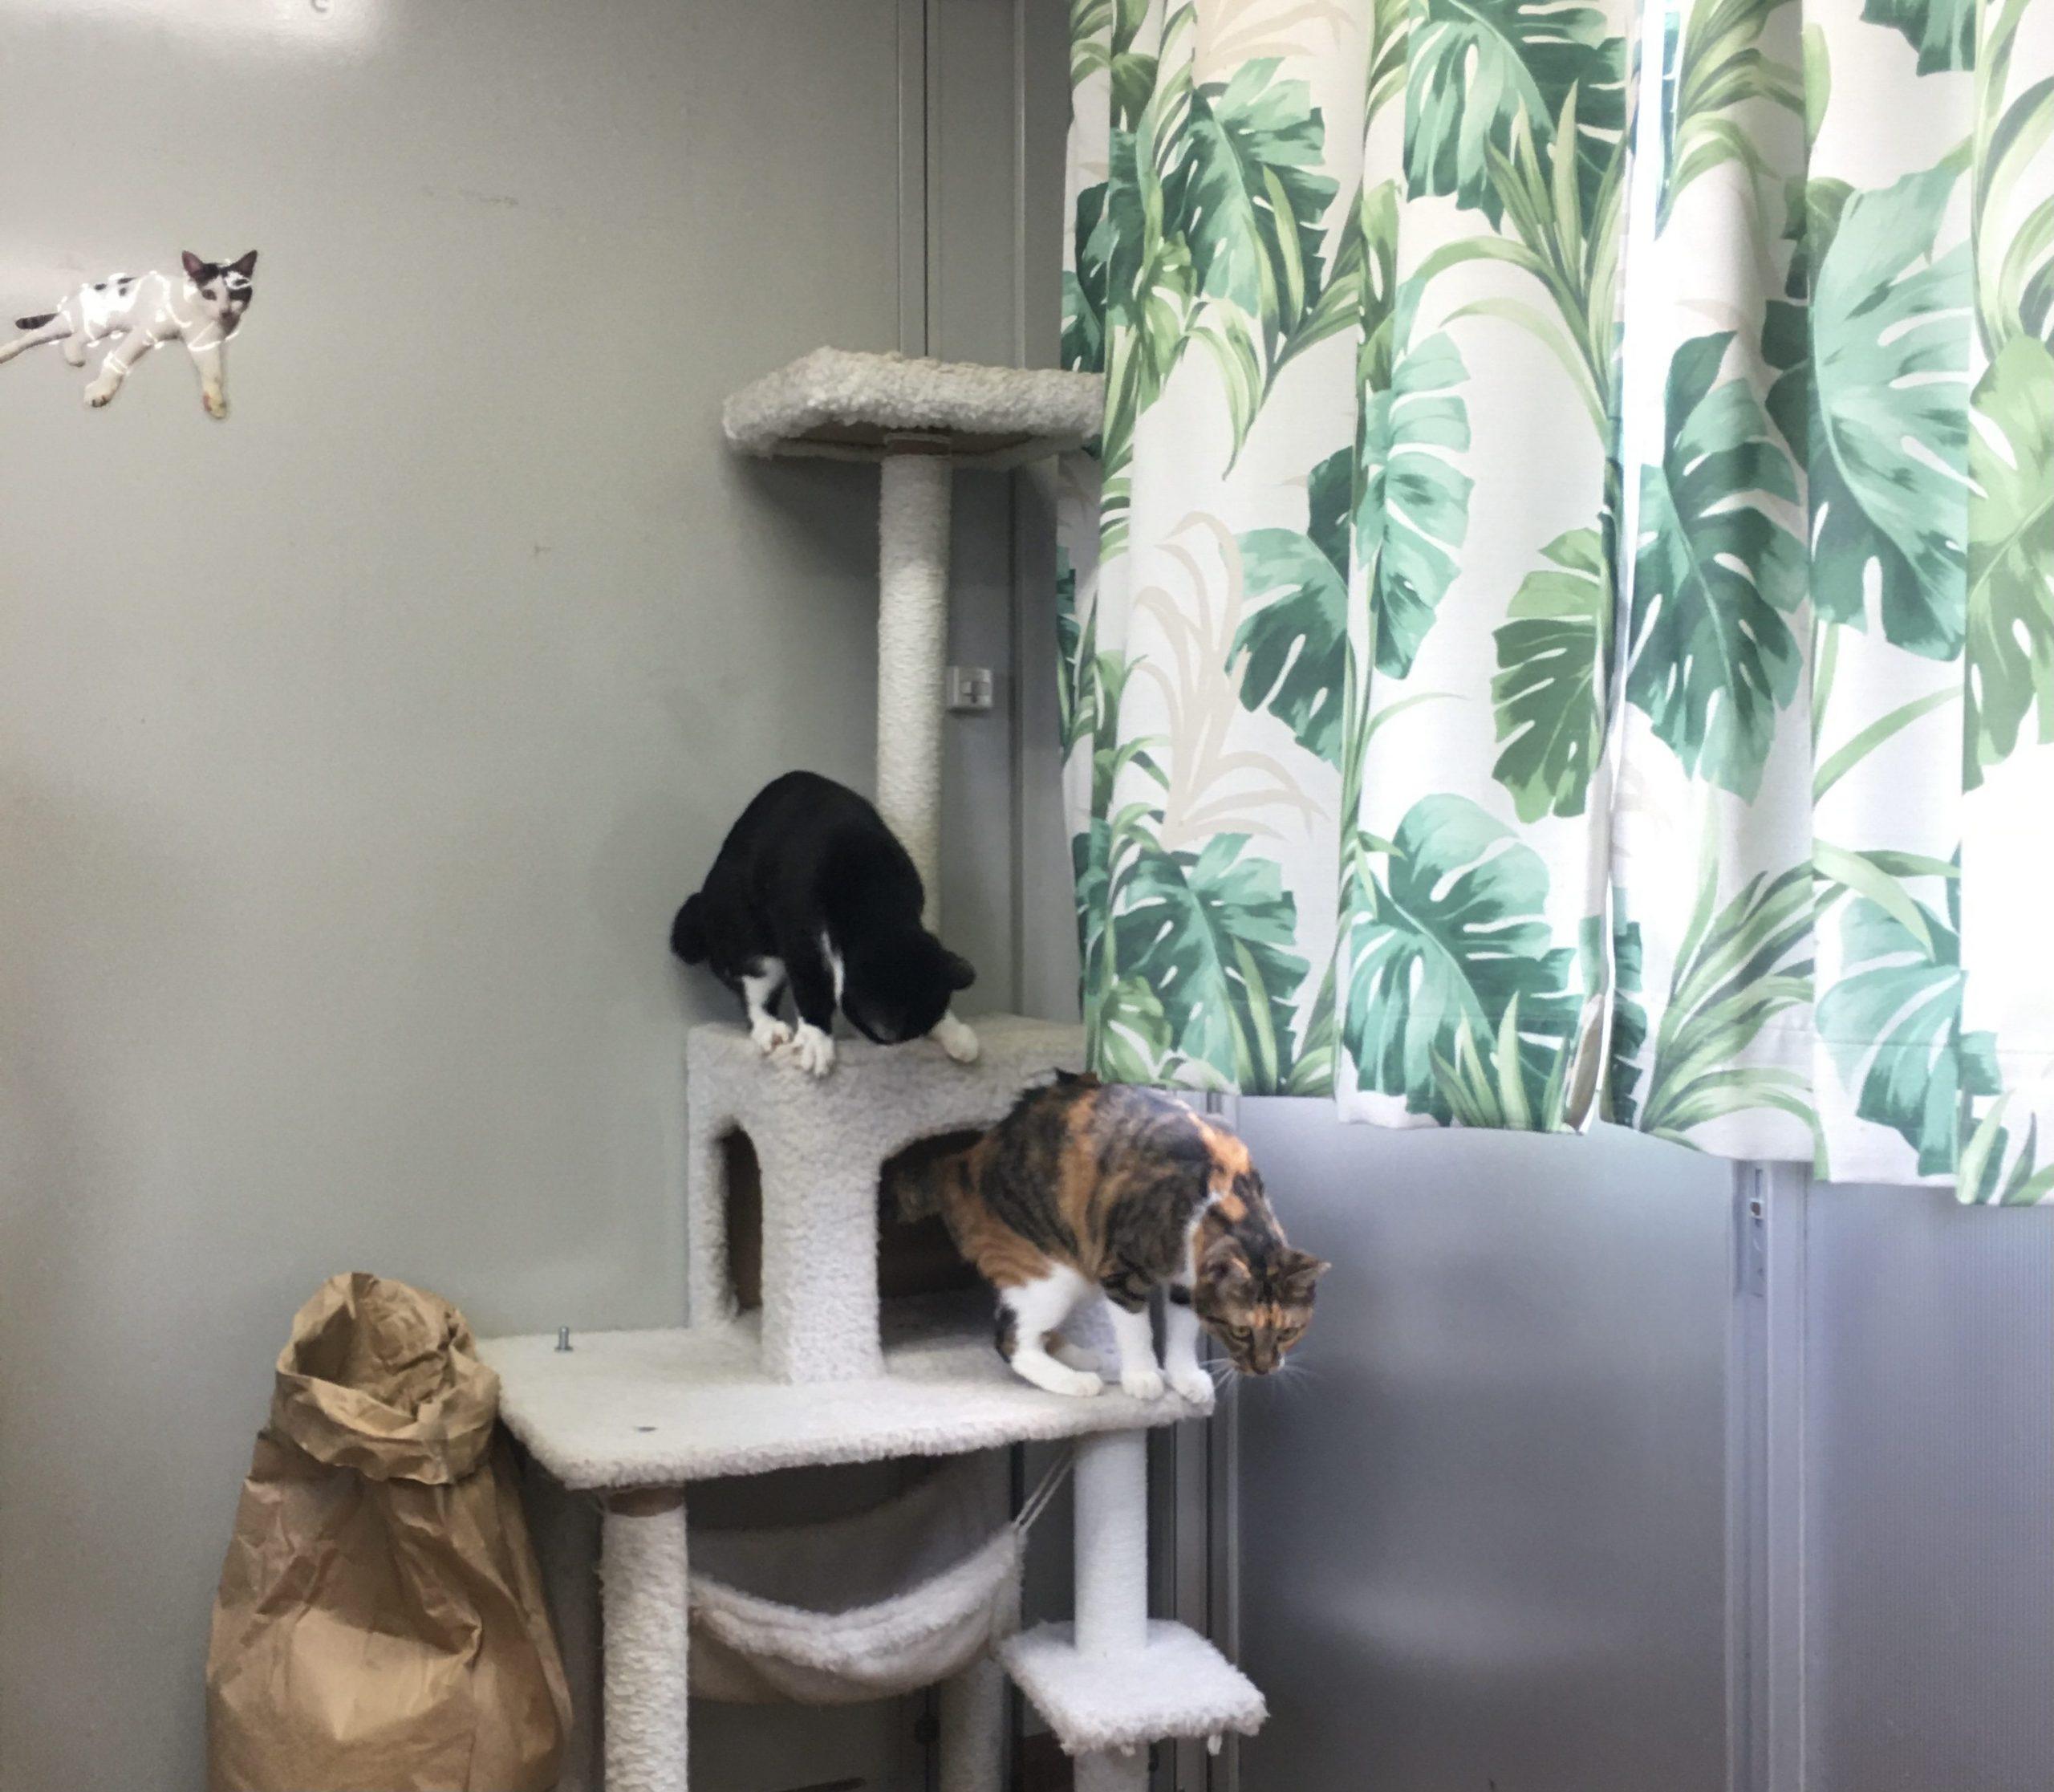 熊本県動物愛護センター キャットタワーと猫